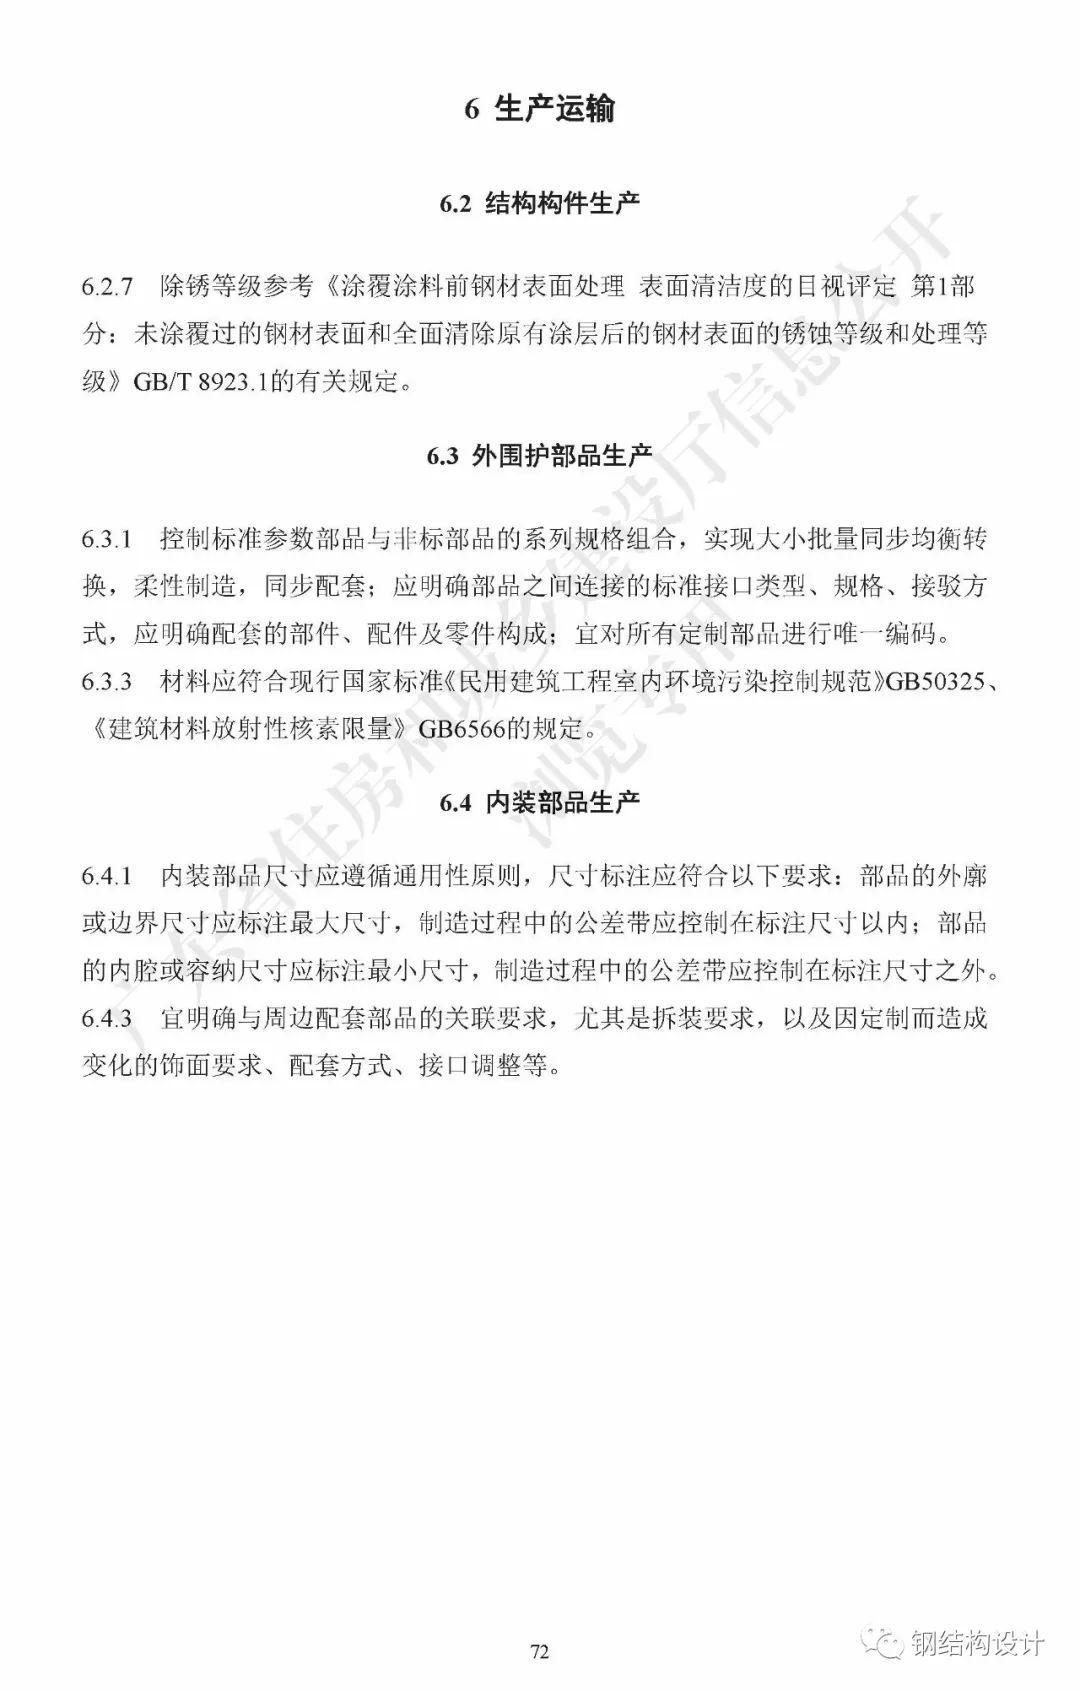 广东省《装配式钢结构建筑技术规程》发布_82